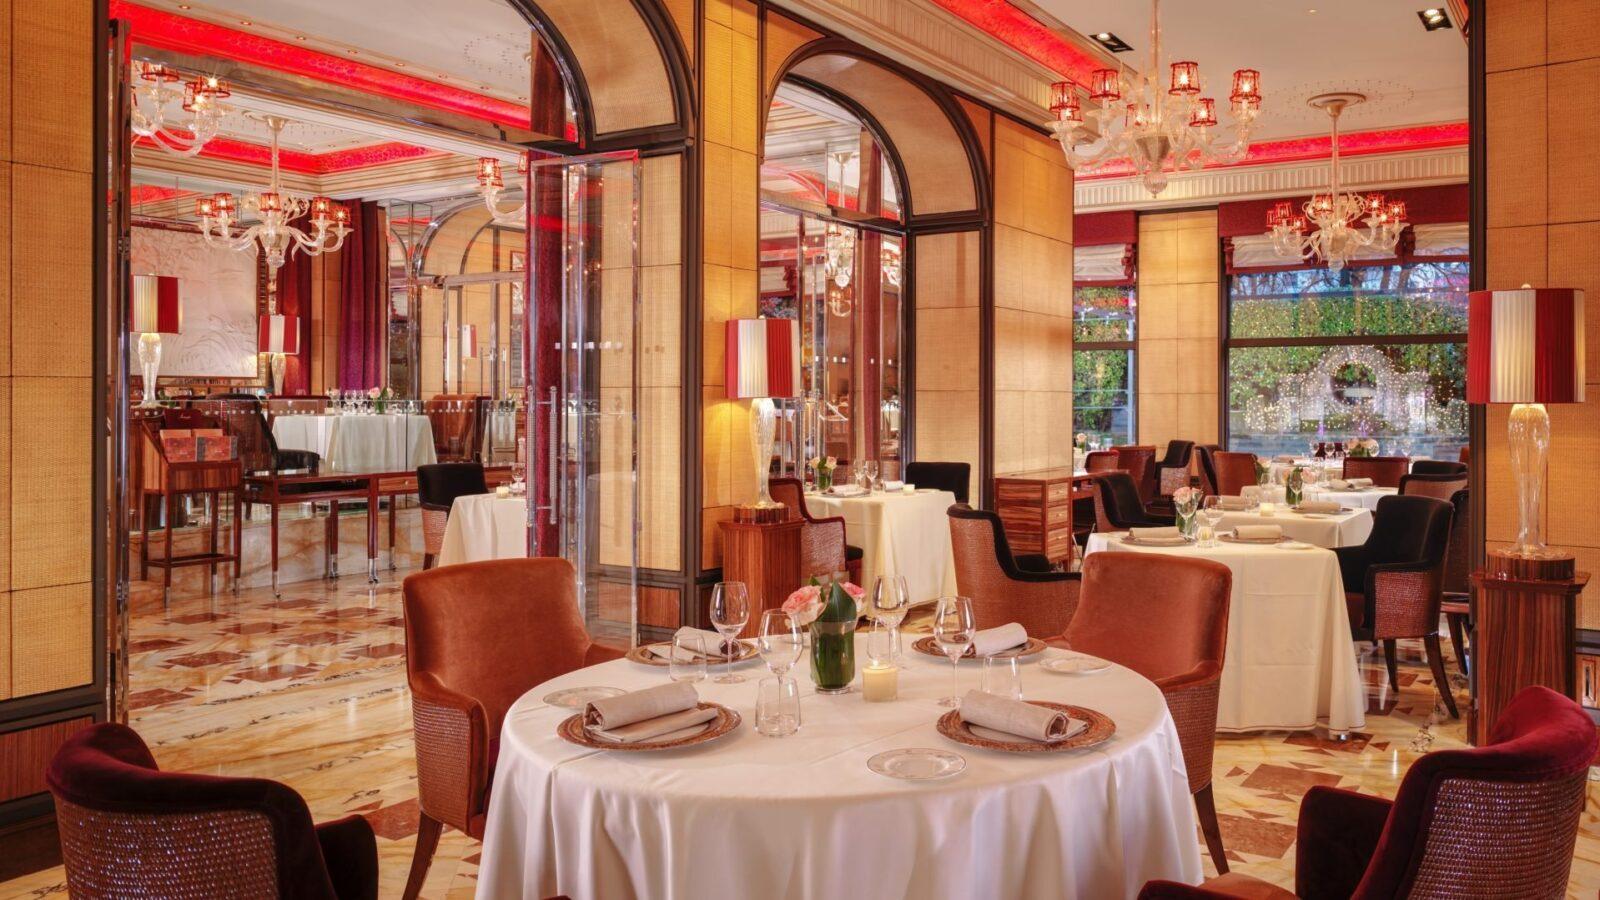 Hotel Principe di Savoia - Acanto Restaurant